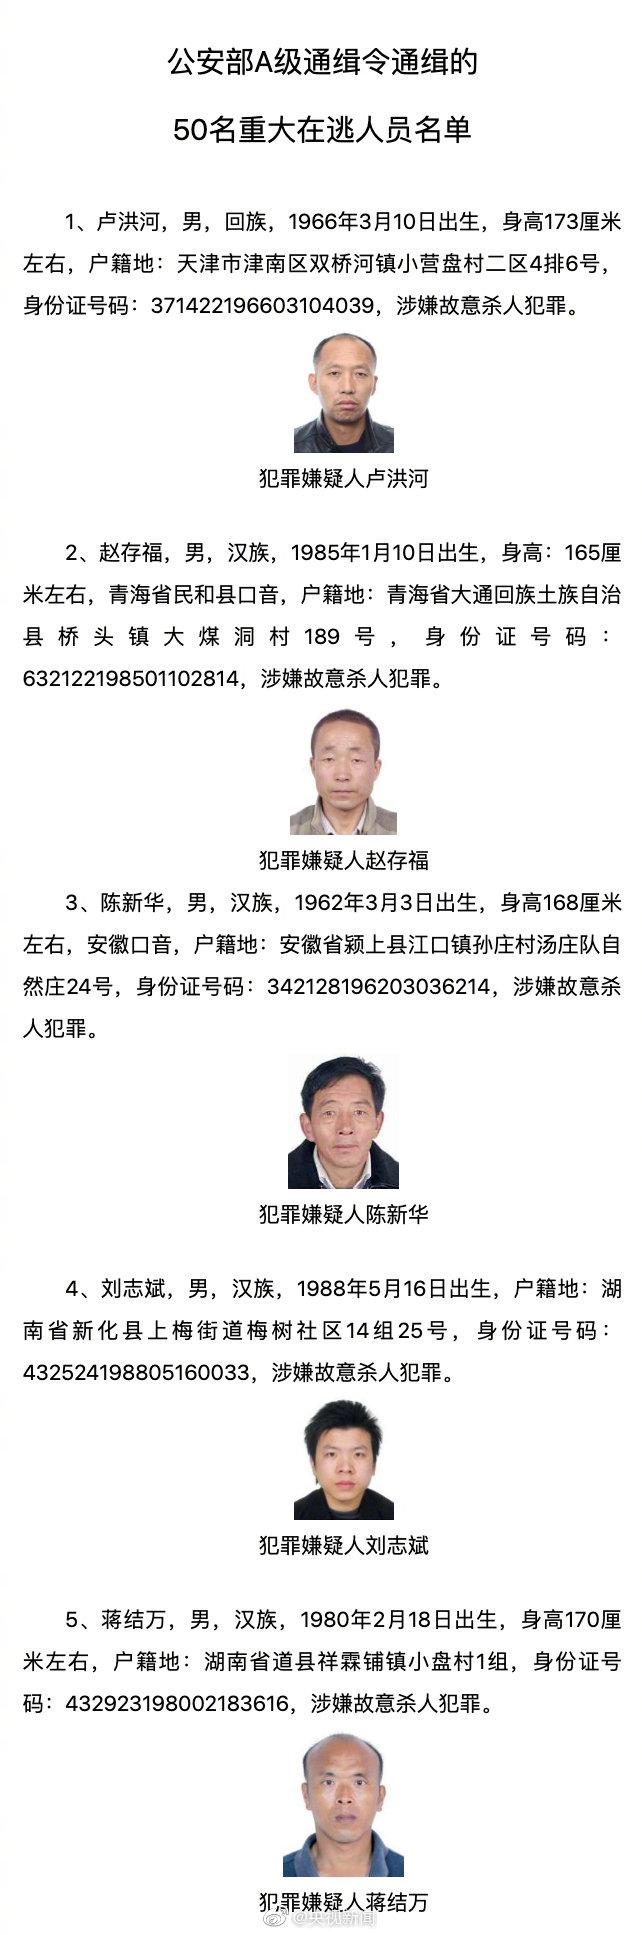 公安部通缉50名A级通缉犯 每人悬赏10万元(附名单)